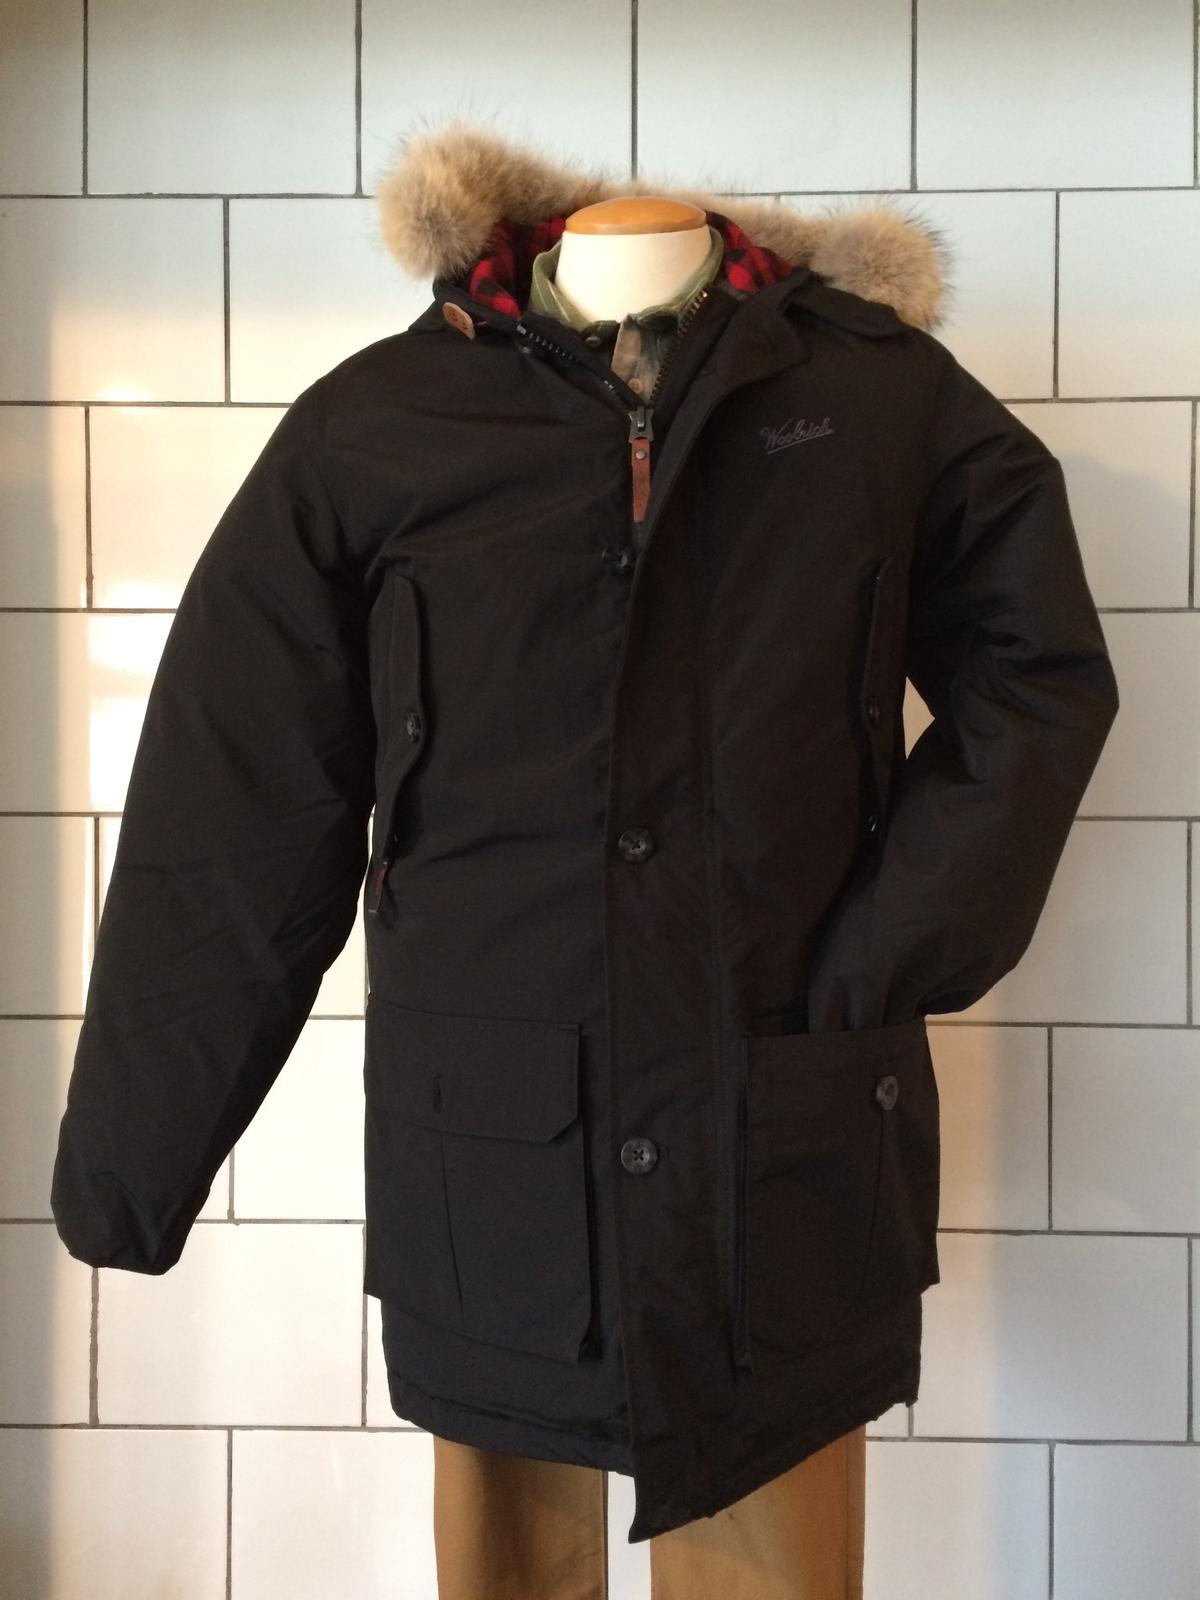 woolrich parka herren sale parka jackets men jackets. Black Bedroom Furniture Sets. Home Design Ideas